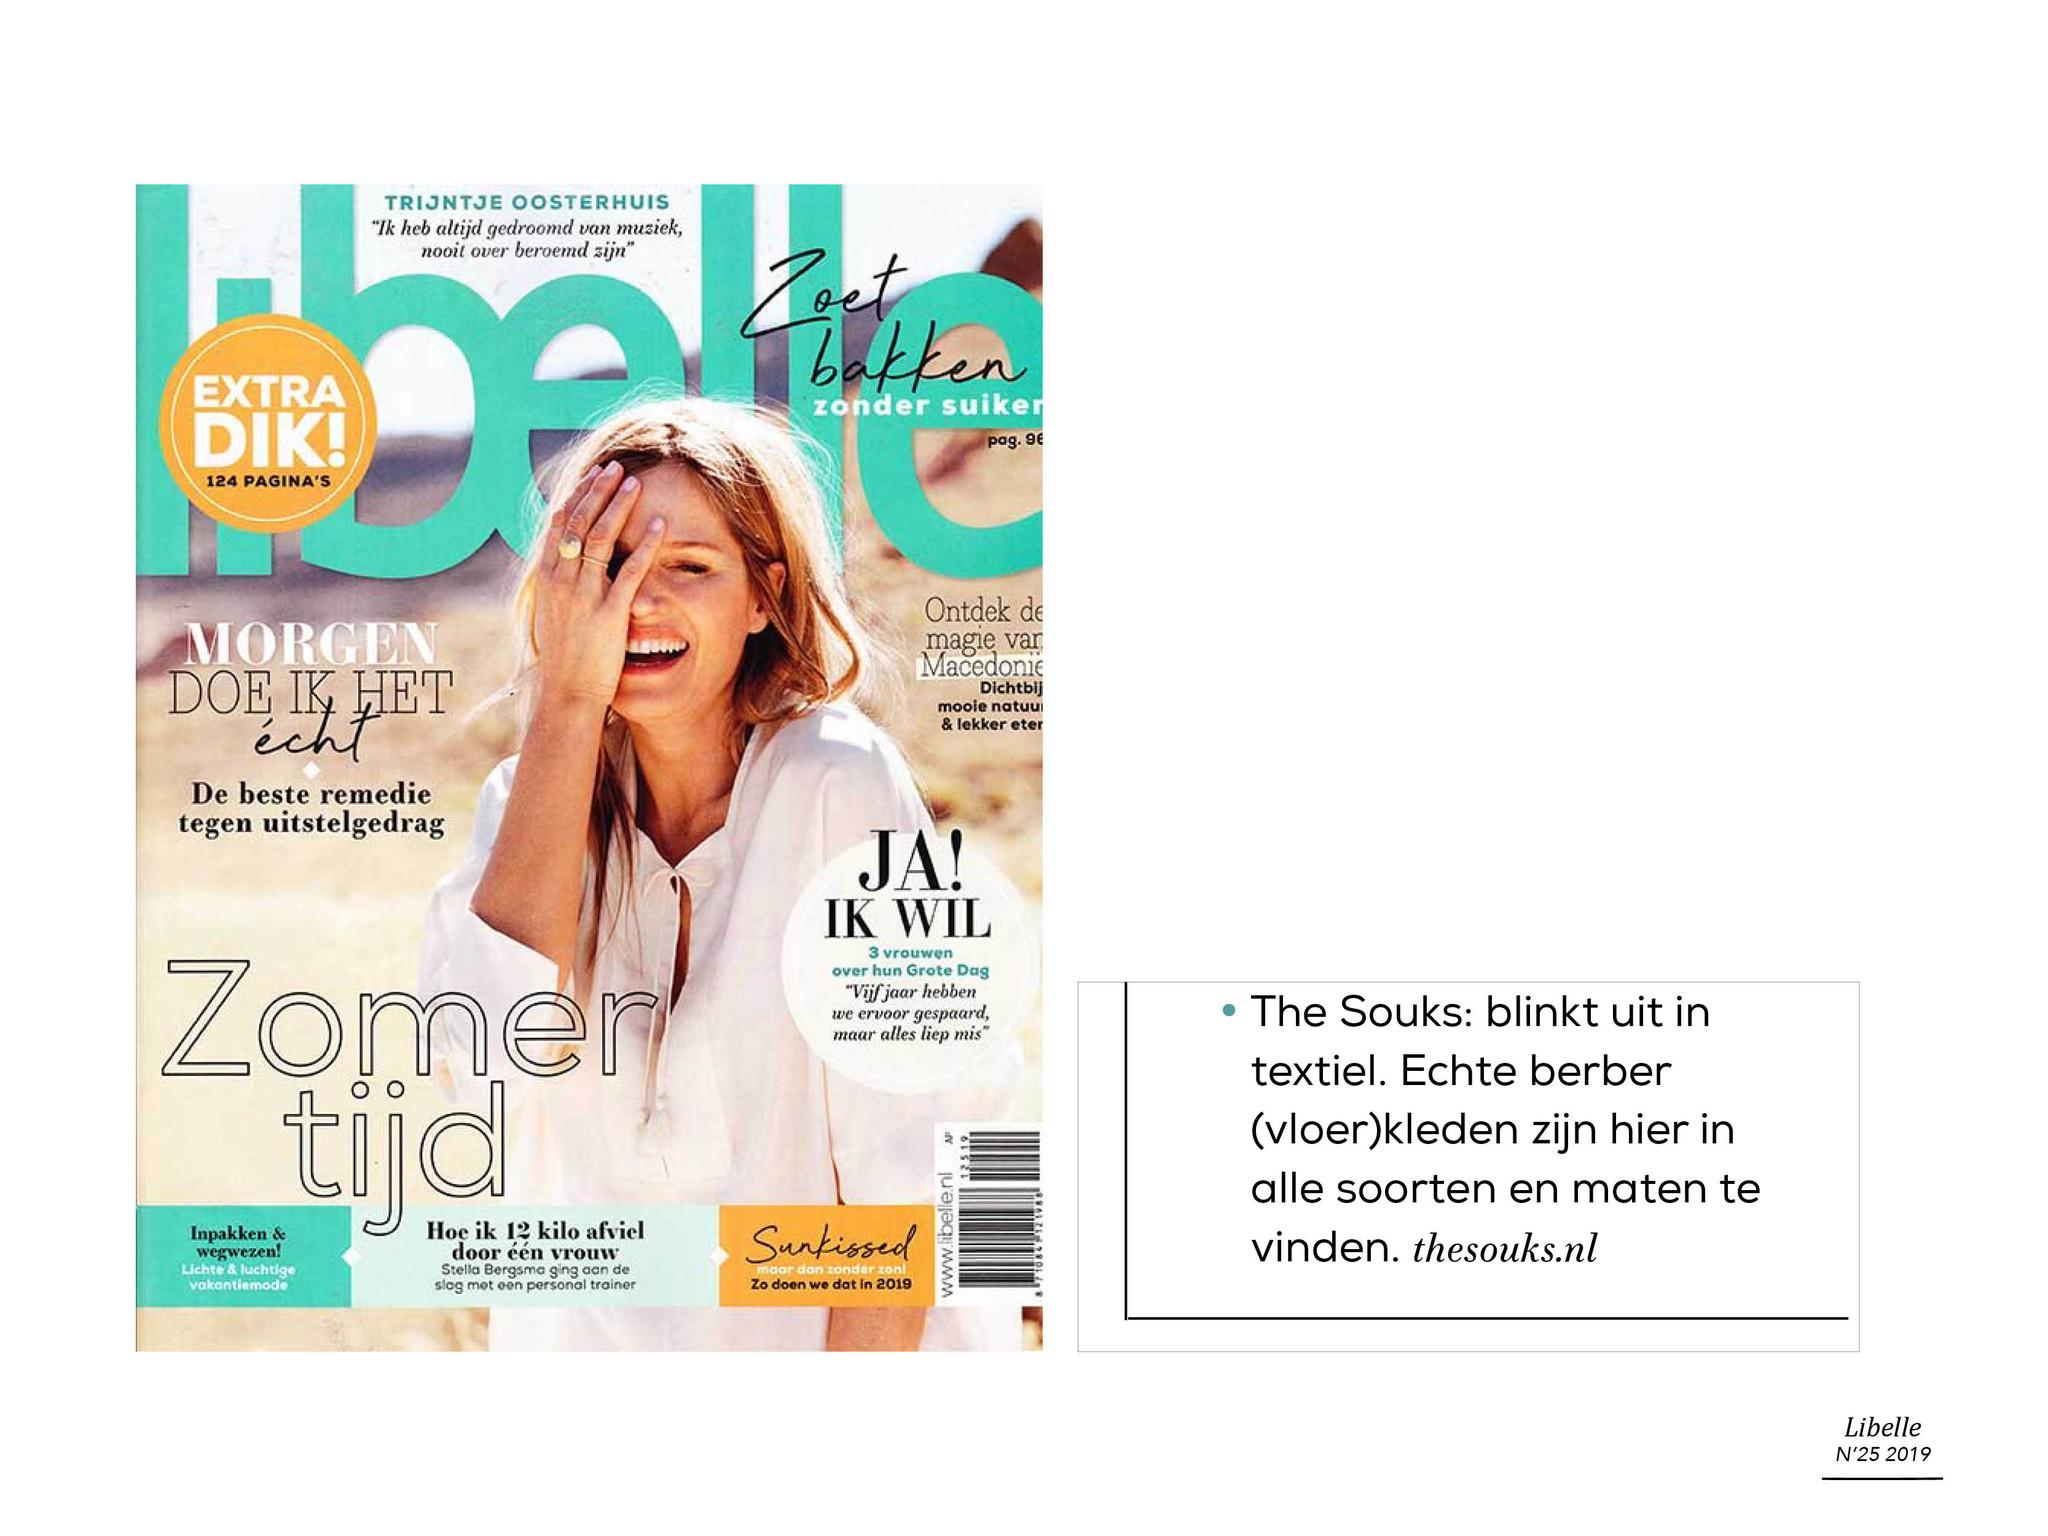 The Souks - publicatie Libelle